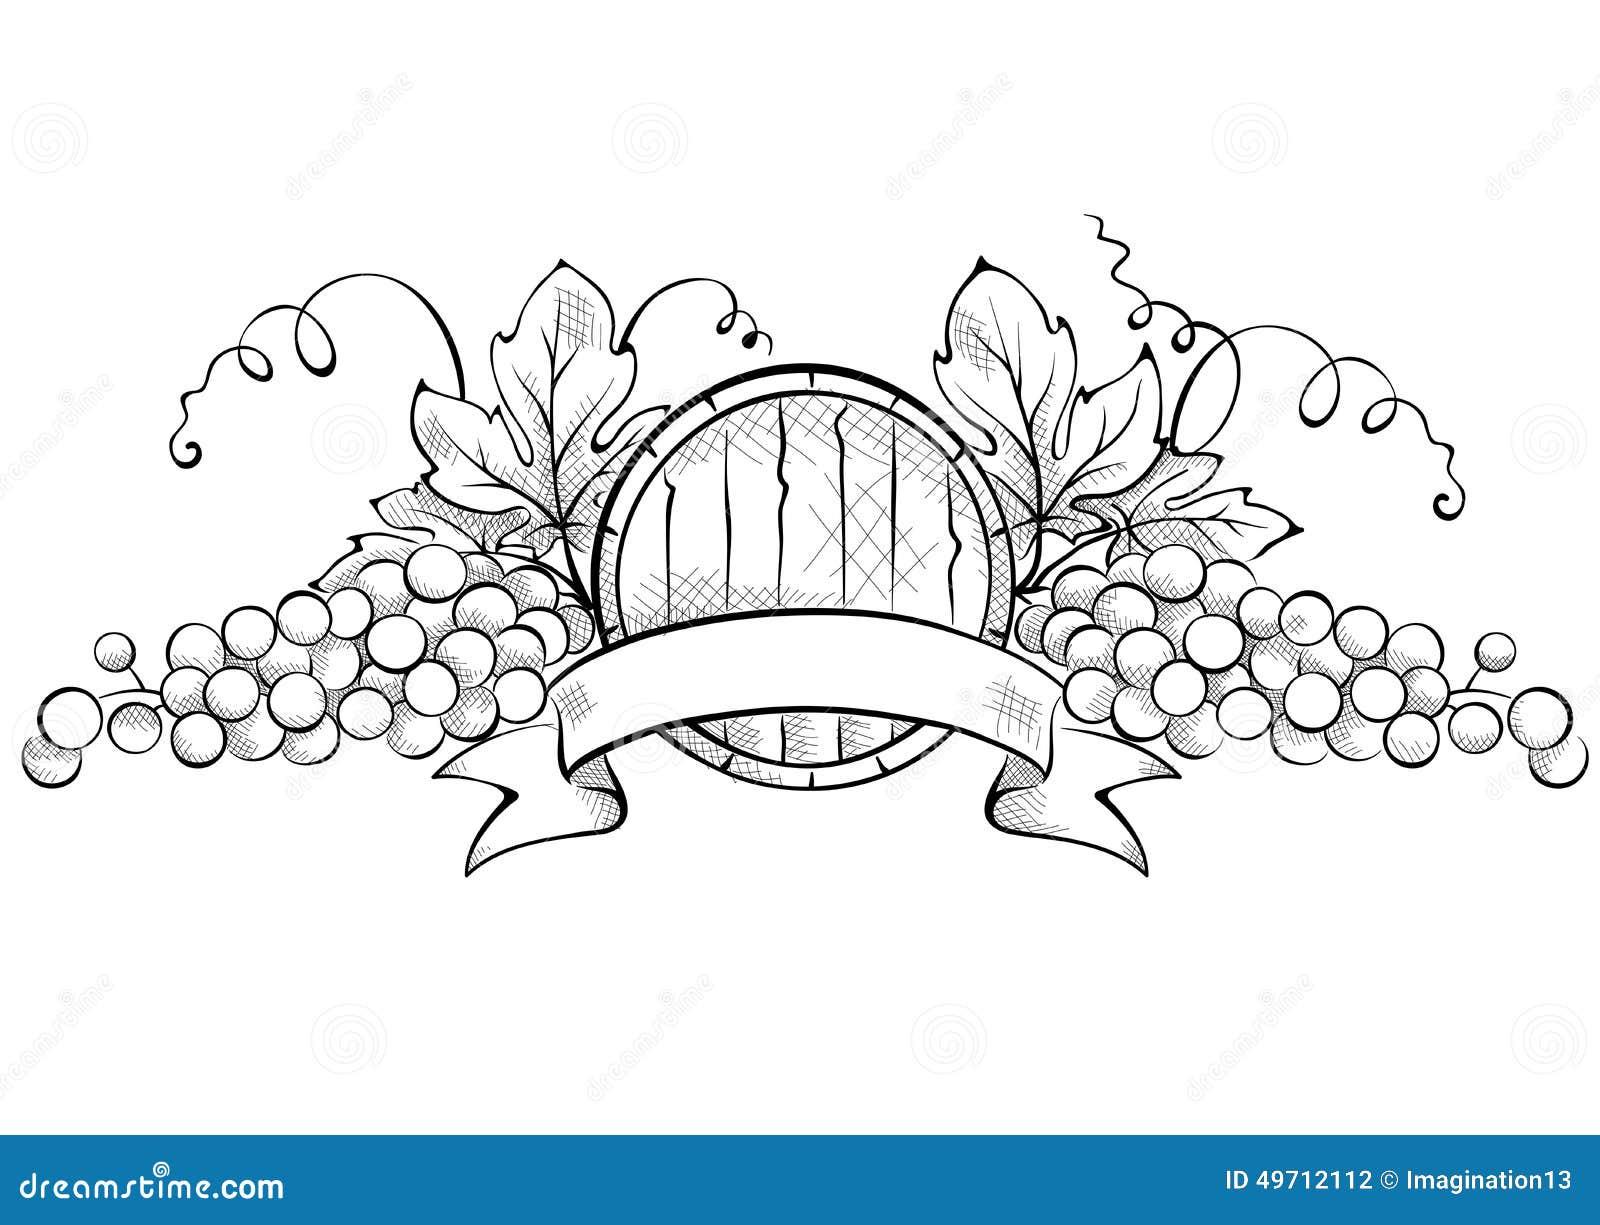 Deco Tonneau De Vin design elements -- grape with ribbon and wine cask stock